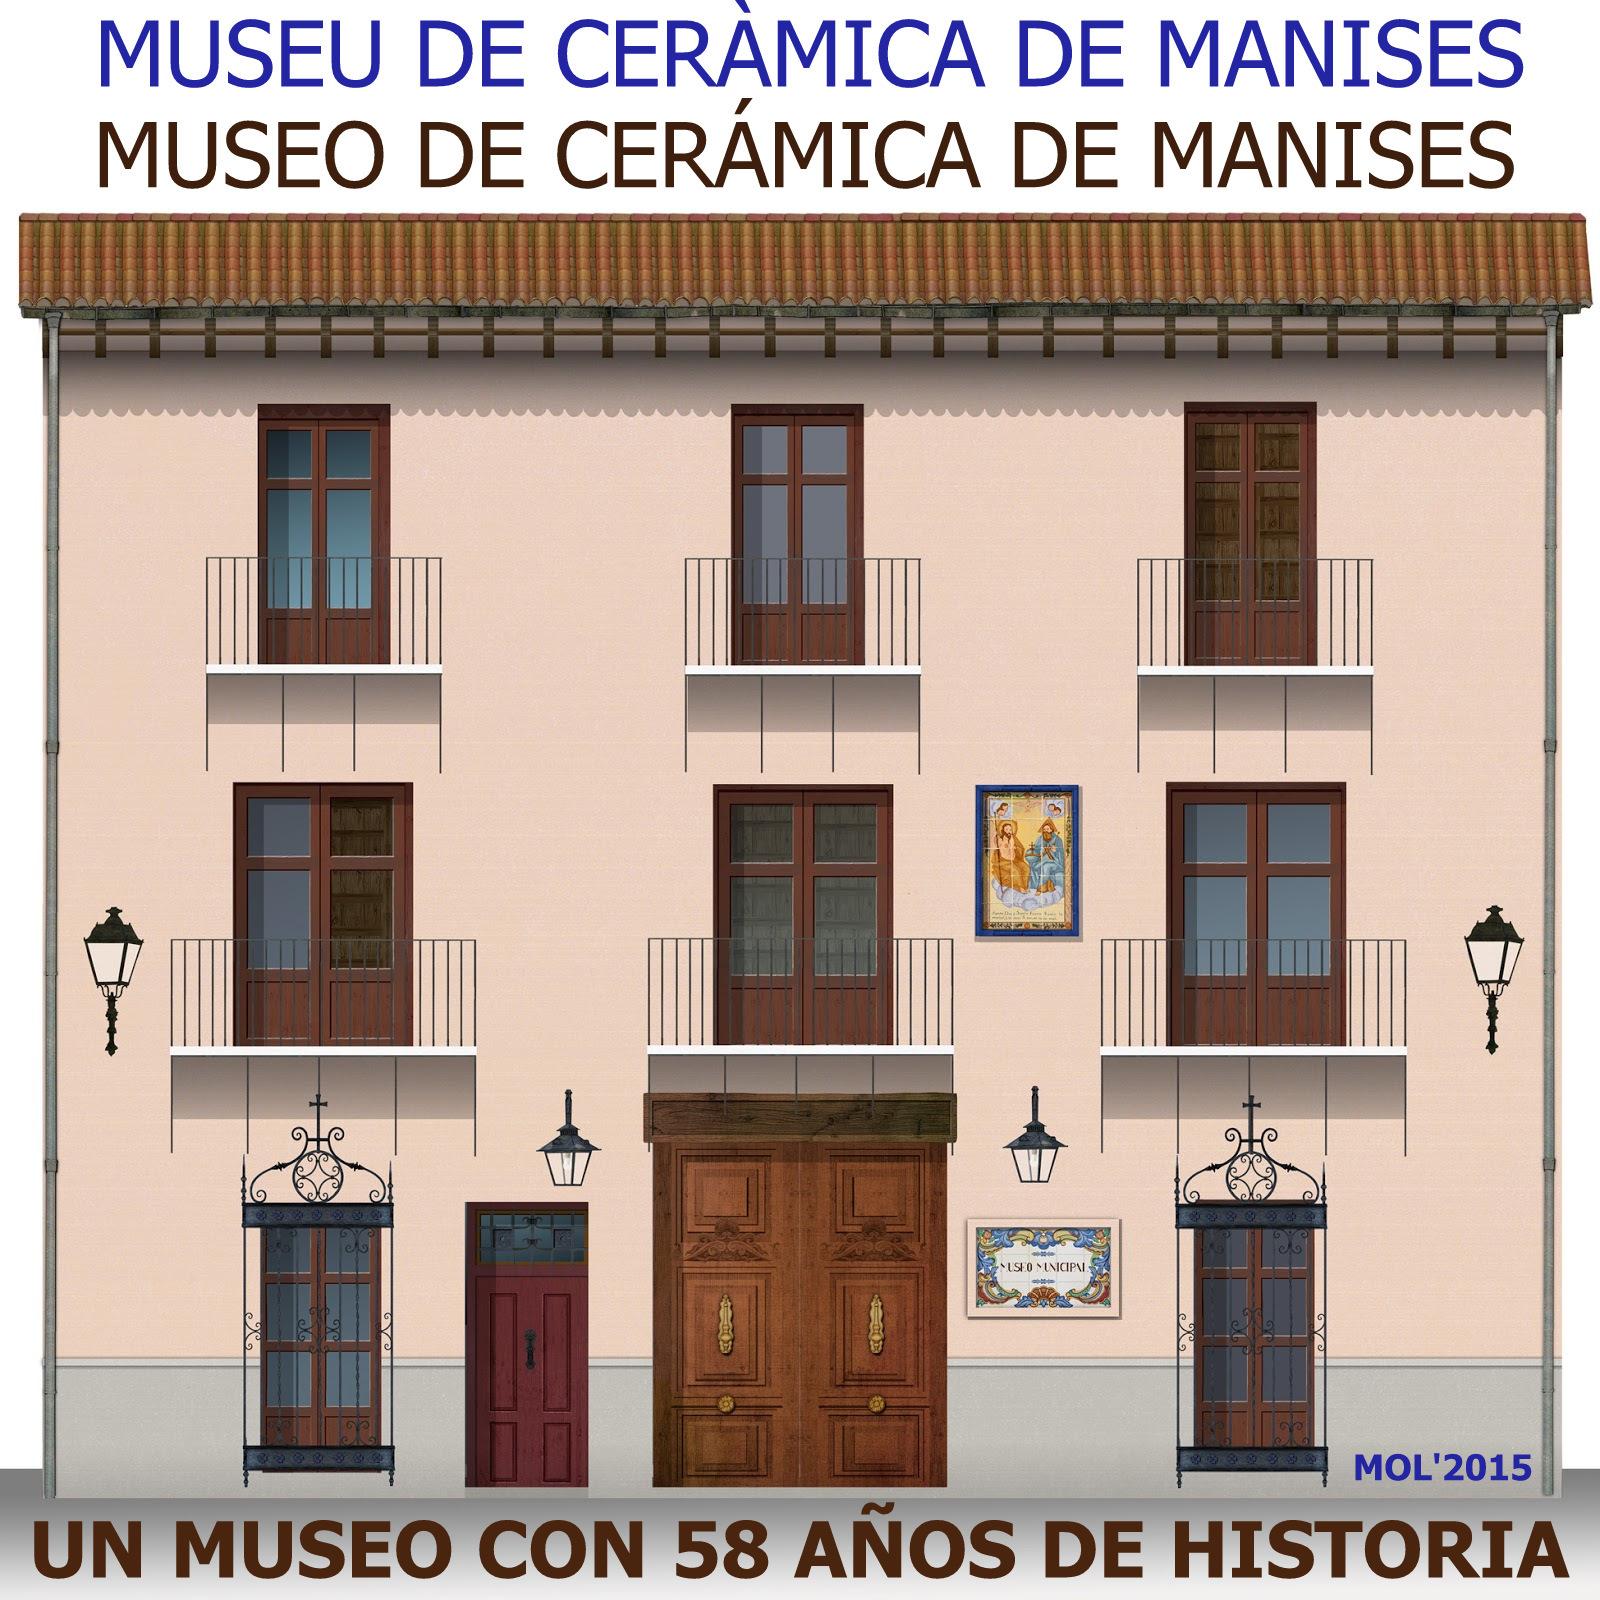 26.11.15 LOS PRIMEROS 58 AÑOS DE LA HISTORIA DEL MUSEO DE CERÁMICA.